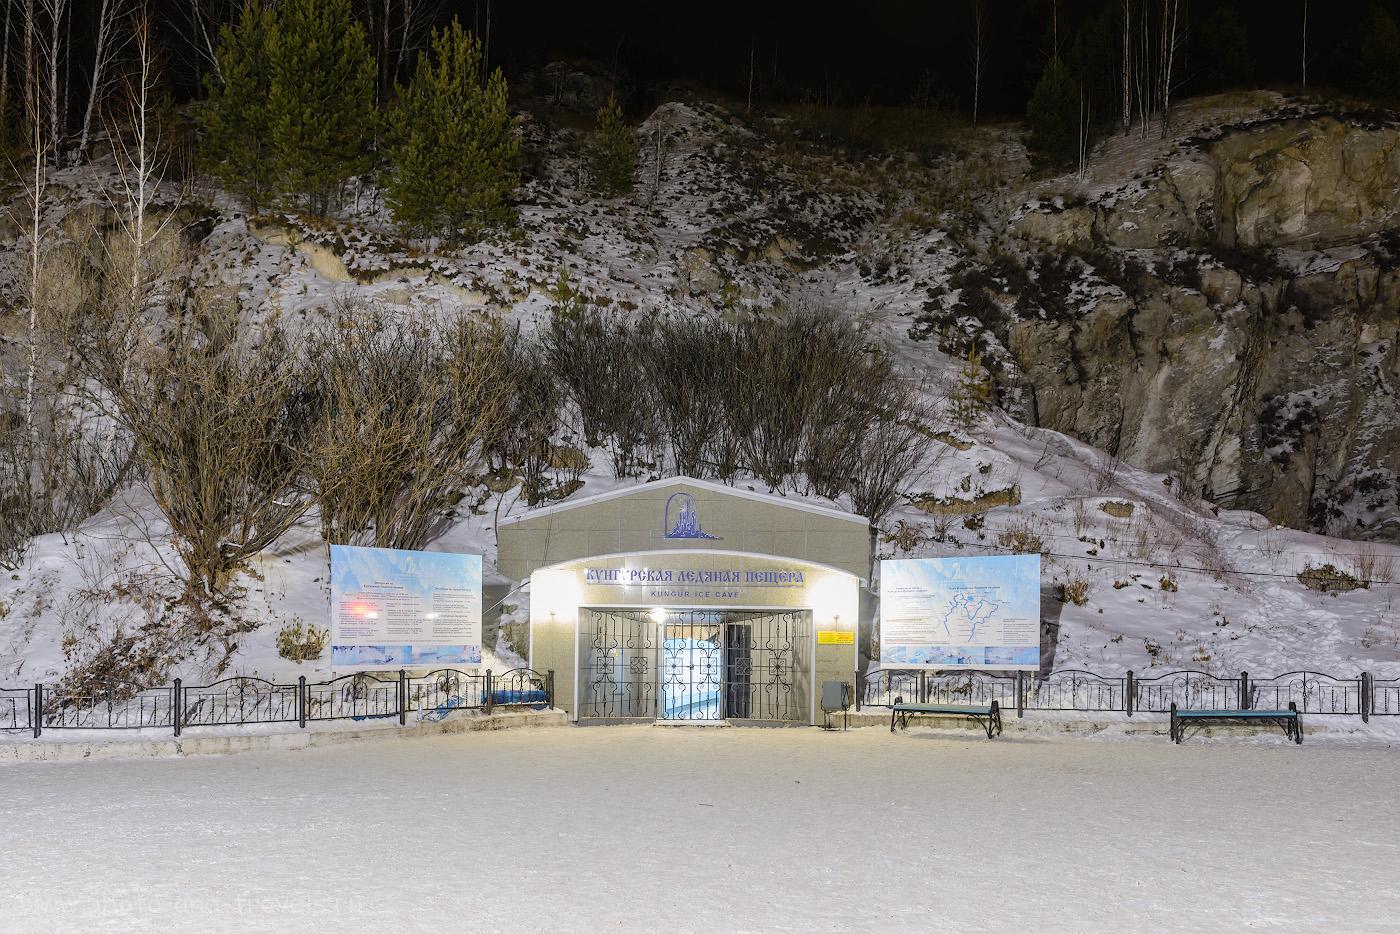 Фото 15. Портал для входа в Кунгурскую пещеру на склоне горы Ледяная. Отзывы туристов об экскурсии в эту природную достопримечательность Пермского края. 13.0, +2.33EV, 8.0, 100, 26.